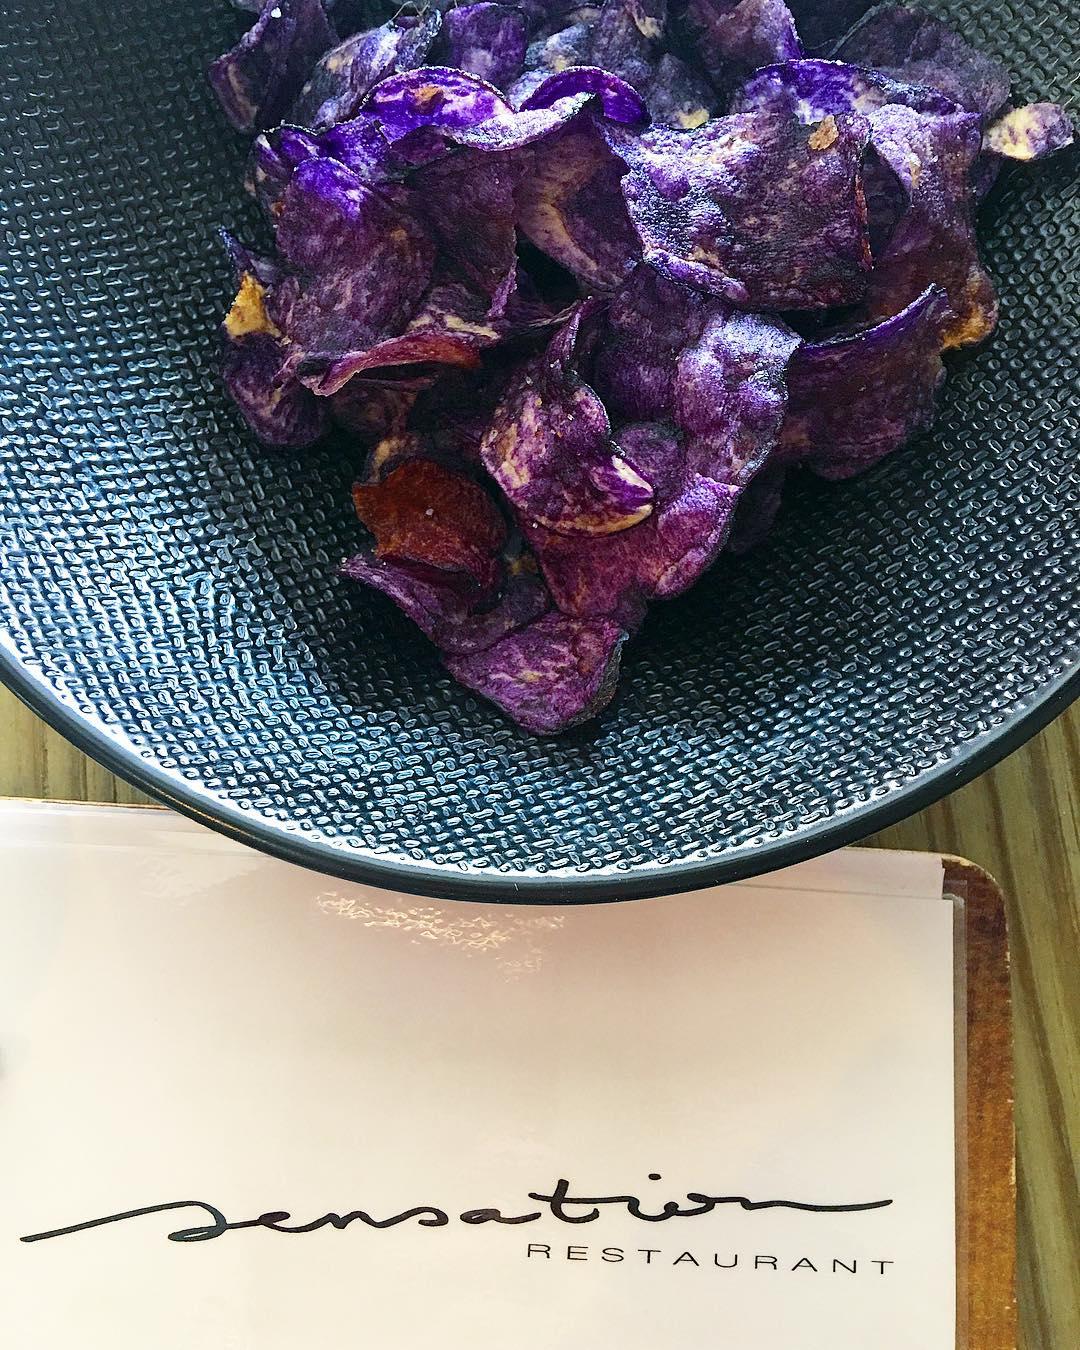 Un petit tour à Port Ariane chez Romain Salamone au @restaurant_sensation . . ➕ SENSATION bistronomik • restaurant . ? Lattes (34)?? . ________________ #sensation #sensationrestaurant #bistronomie #gastronomie #restaurant #food #foodlover #blogfood #bloggerfood #foodporn #lattes #portariane #montpellier #pintademontpellier #chefdoc